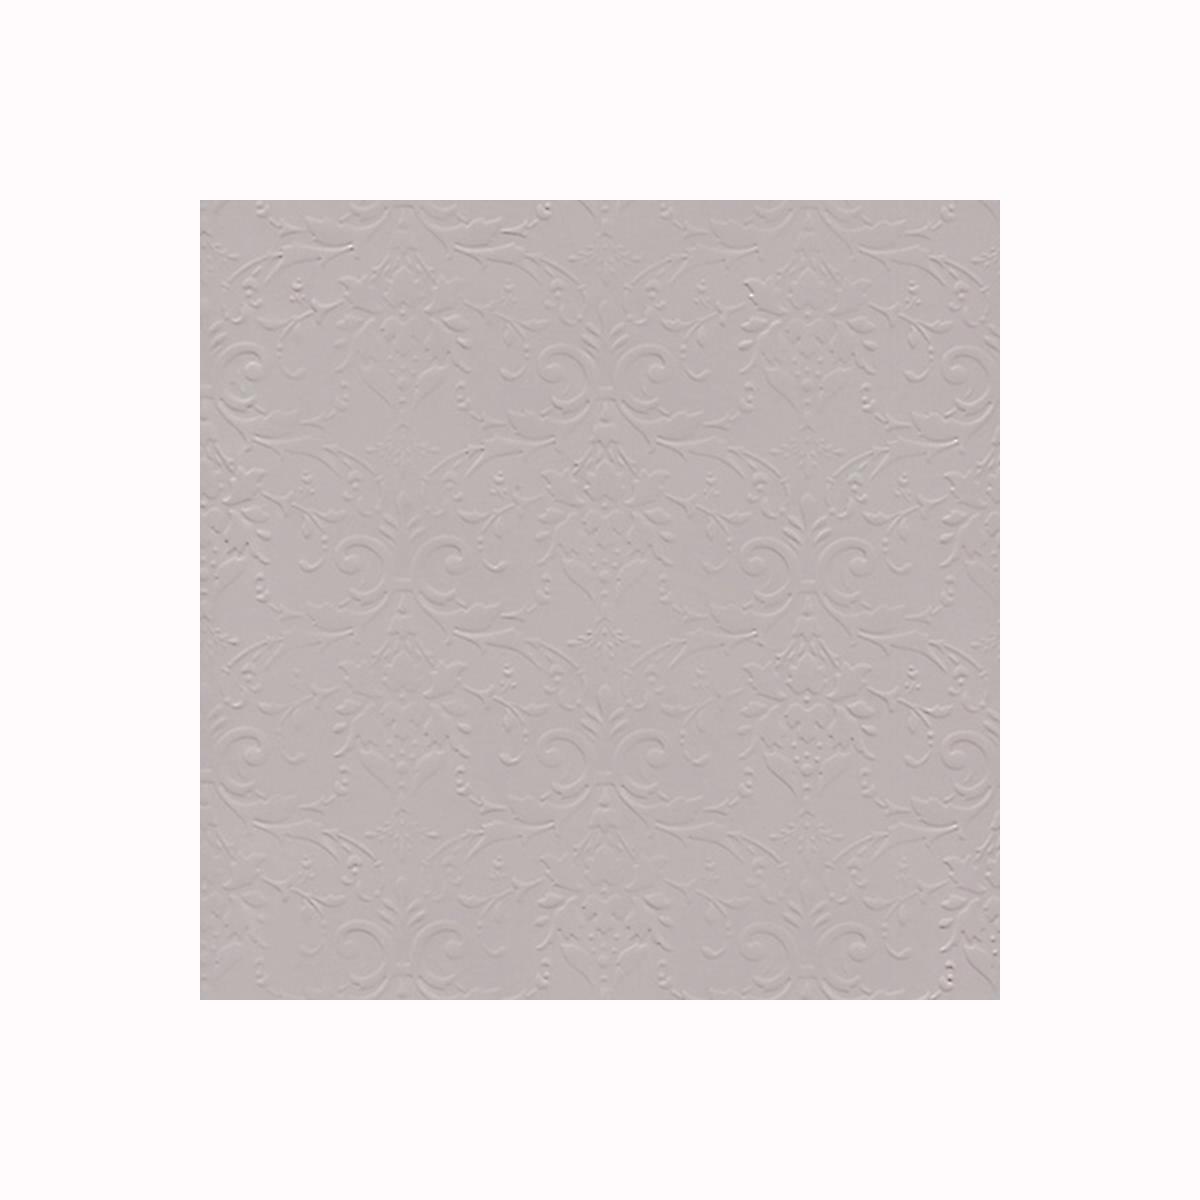 Бумага фактурная Лоза Дамасский узор, цвет: серый, 3 листа582975_БР003-8 серыйФактурная бумага для скрапбукинга Лоза Дамасский узор позволит создать красивый альбом, фоторамку или открытку ручной работы, оформить подарок или аппликацию. Набор включает в себя 3 листа из плотной бумаги. Скрапбукинг - это хобби, которое способно приносить массу приятных эмоций не только человеку, который этим занимается, но и его близким, друзьям, родным. Это невероятно увлекательное занятие, которое поможет вам сохранить наиболее памятные и яркие моменты вашей жизни, а также интересно оформить интерьер дома. Плотность бумаги: 200 г/м2.